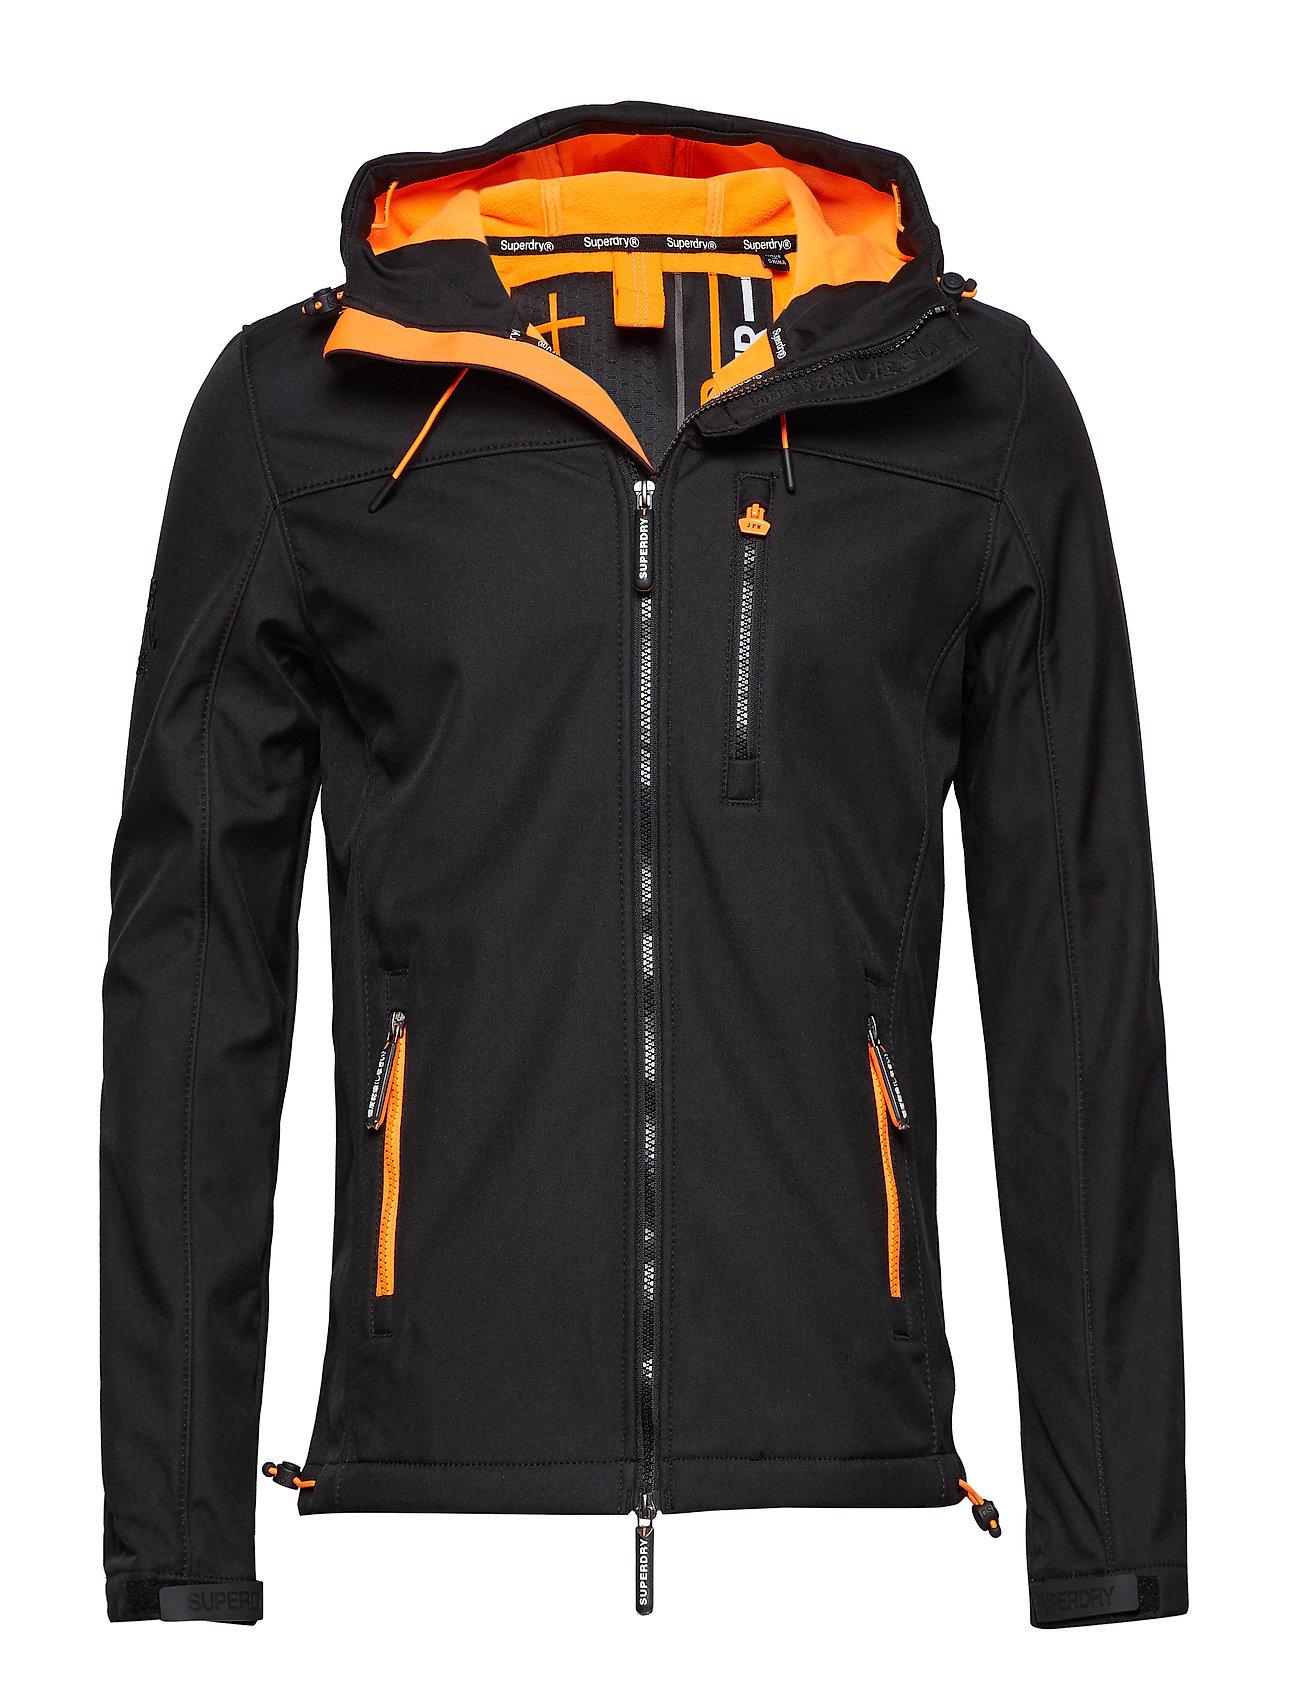 Veste à capuche Superdry Windtrekker Black Orange (boozt.com) – Dealabs.com 79341af39c19